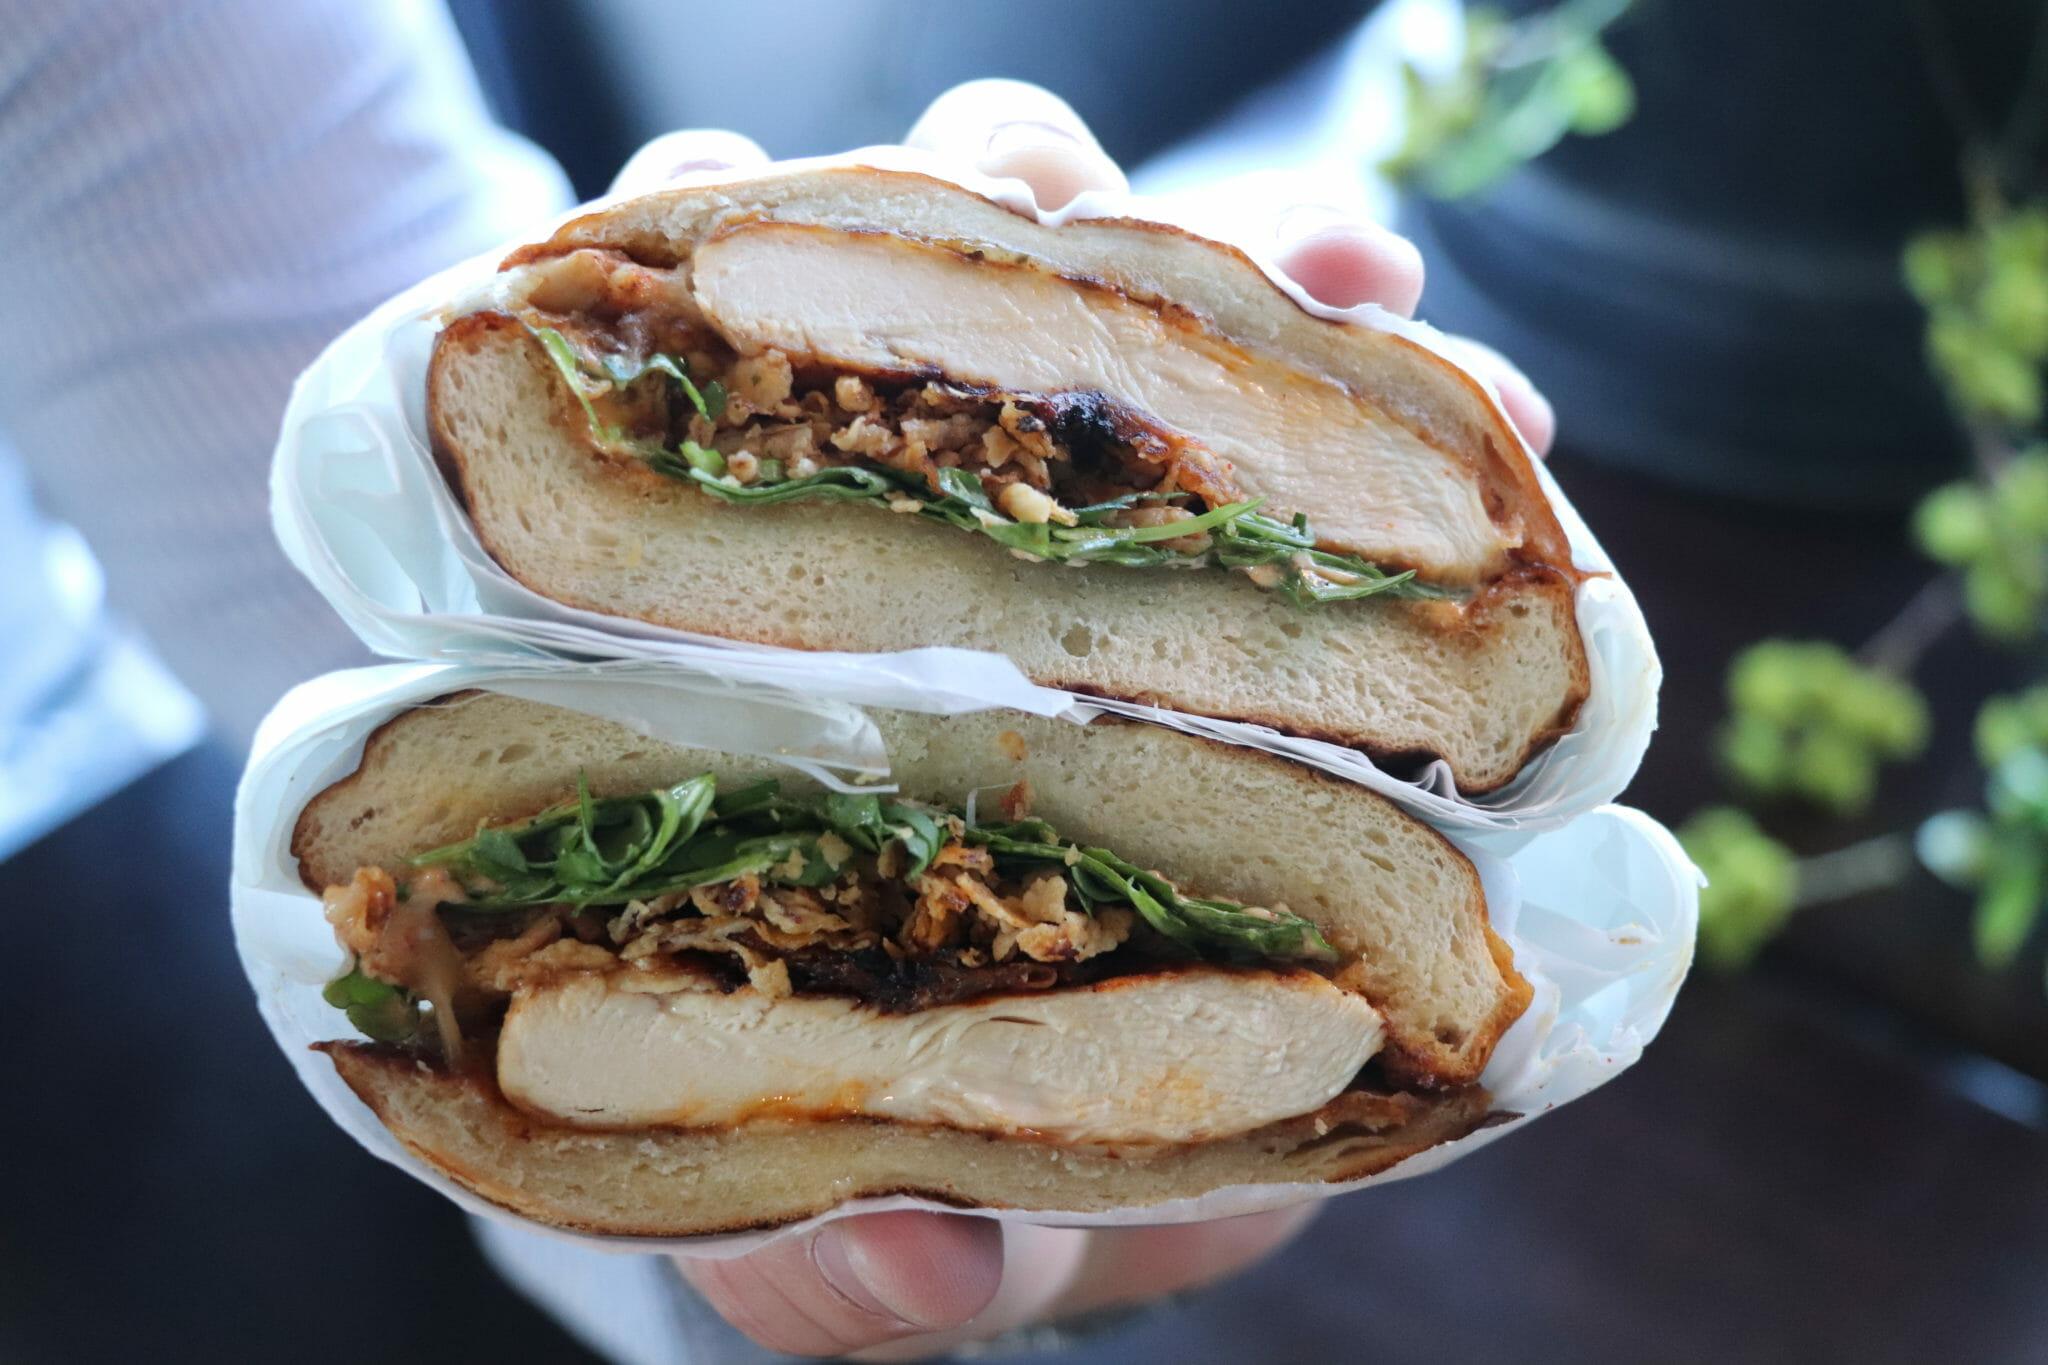 Hand holding spiced chicken sandwich